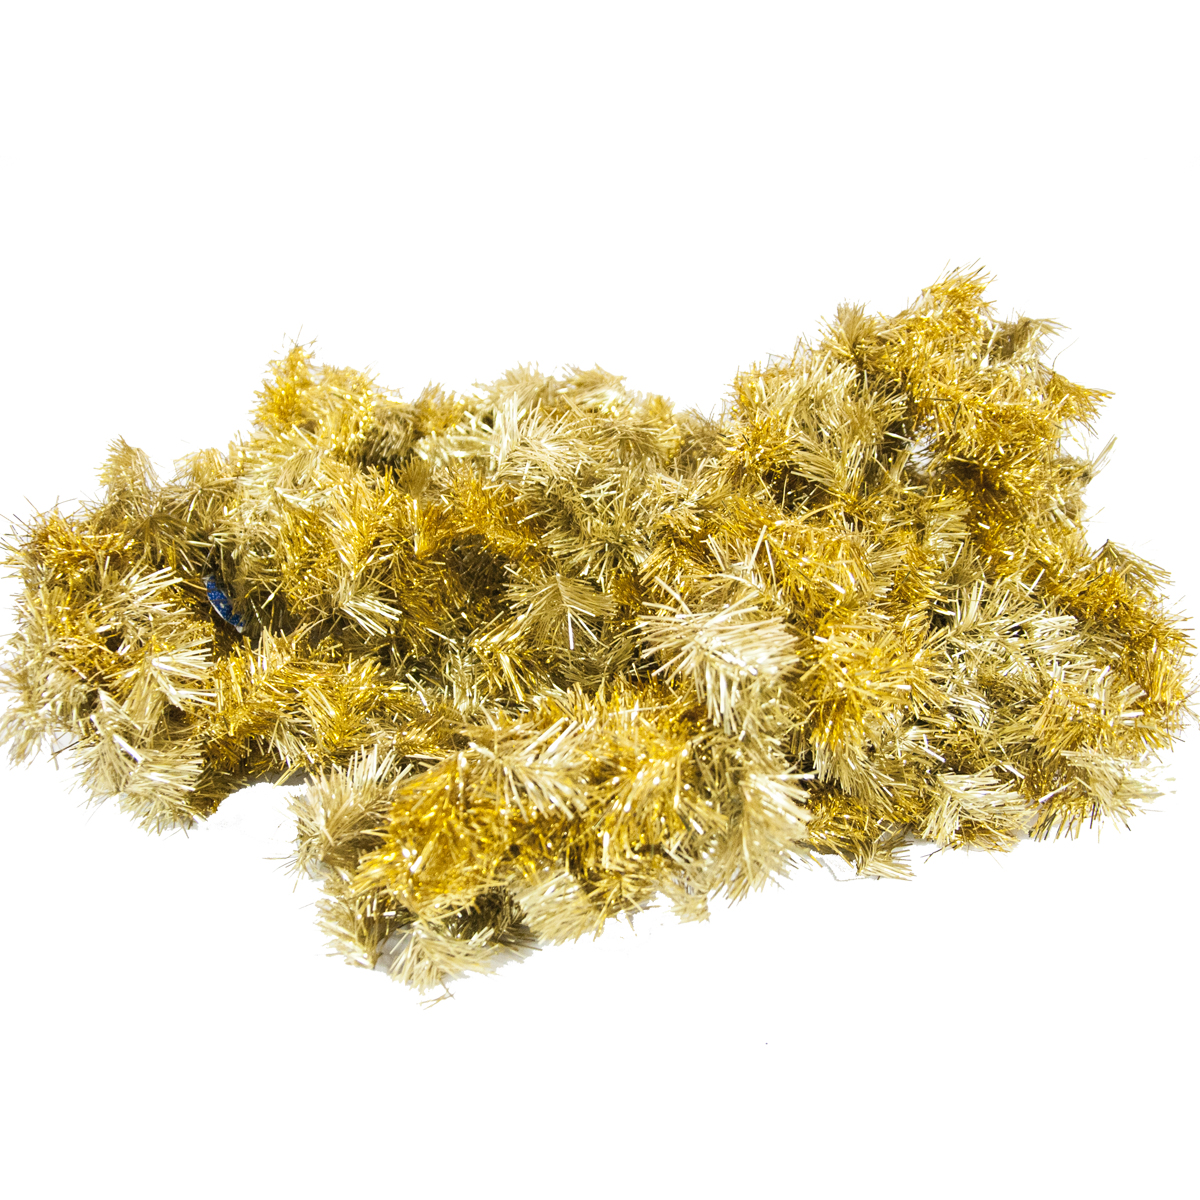 Мишура новогодняя Moranduzzo, цвет: золотистый, диаметр 20 см, длина 275 см